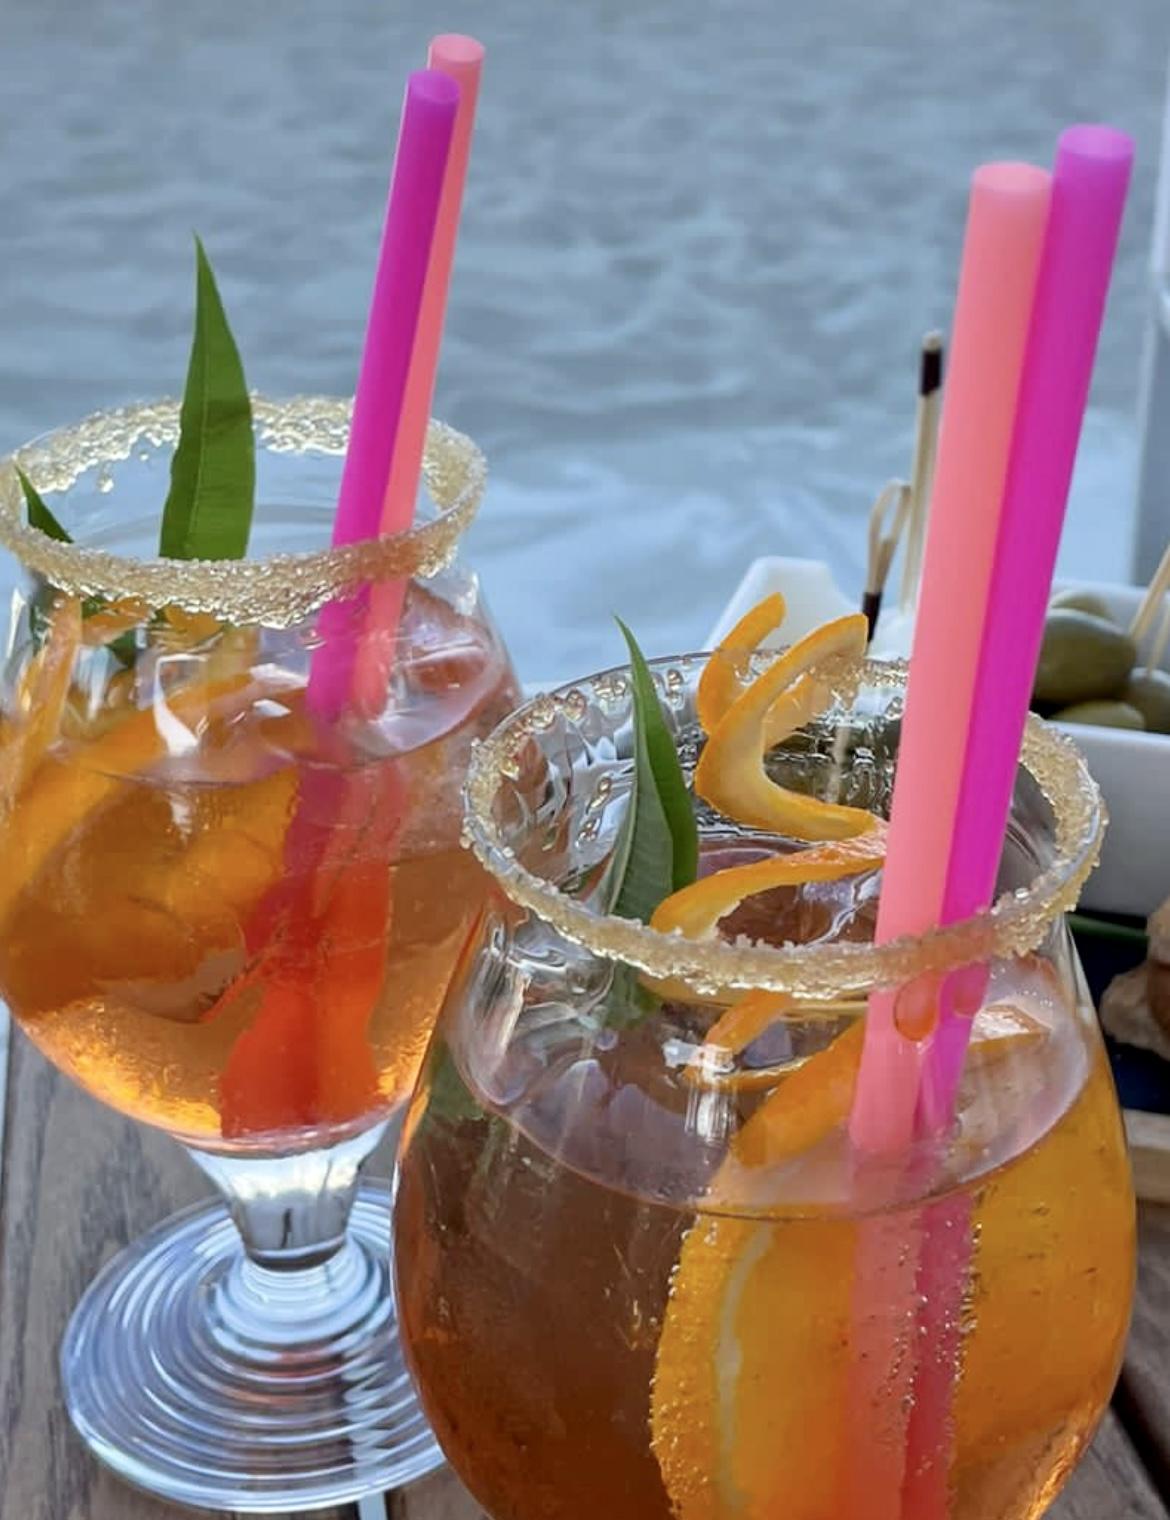 hotel saraceno 4 stelle milano marittima con spiaggia privata bagno giuliano 247 aperitivo sulla spiaggia lungomare milano marittima